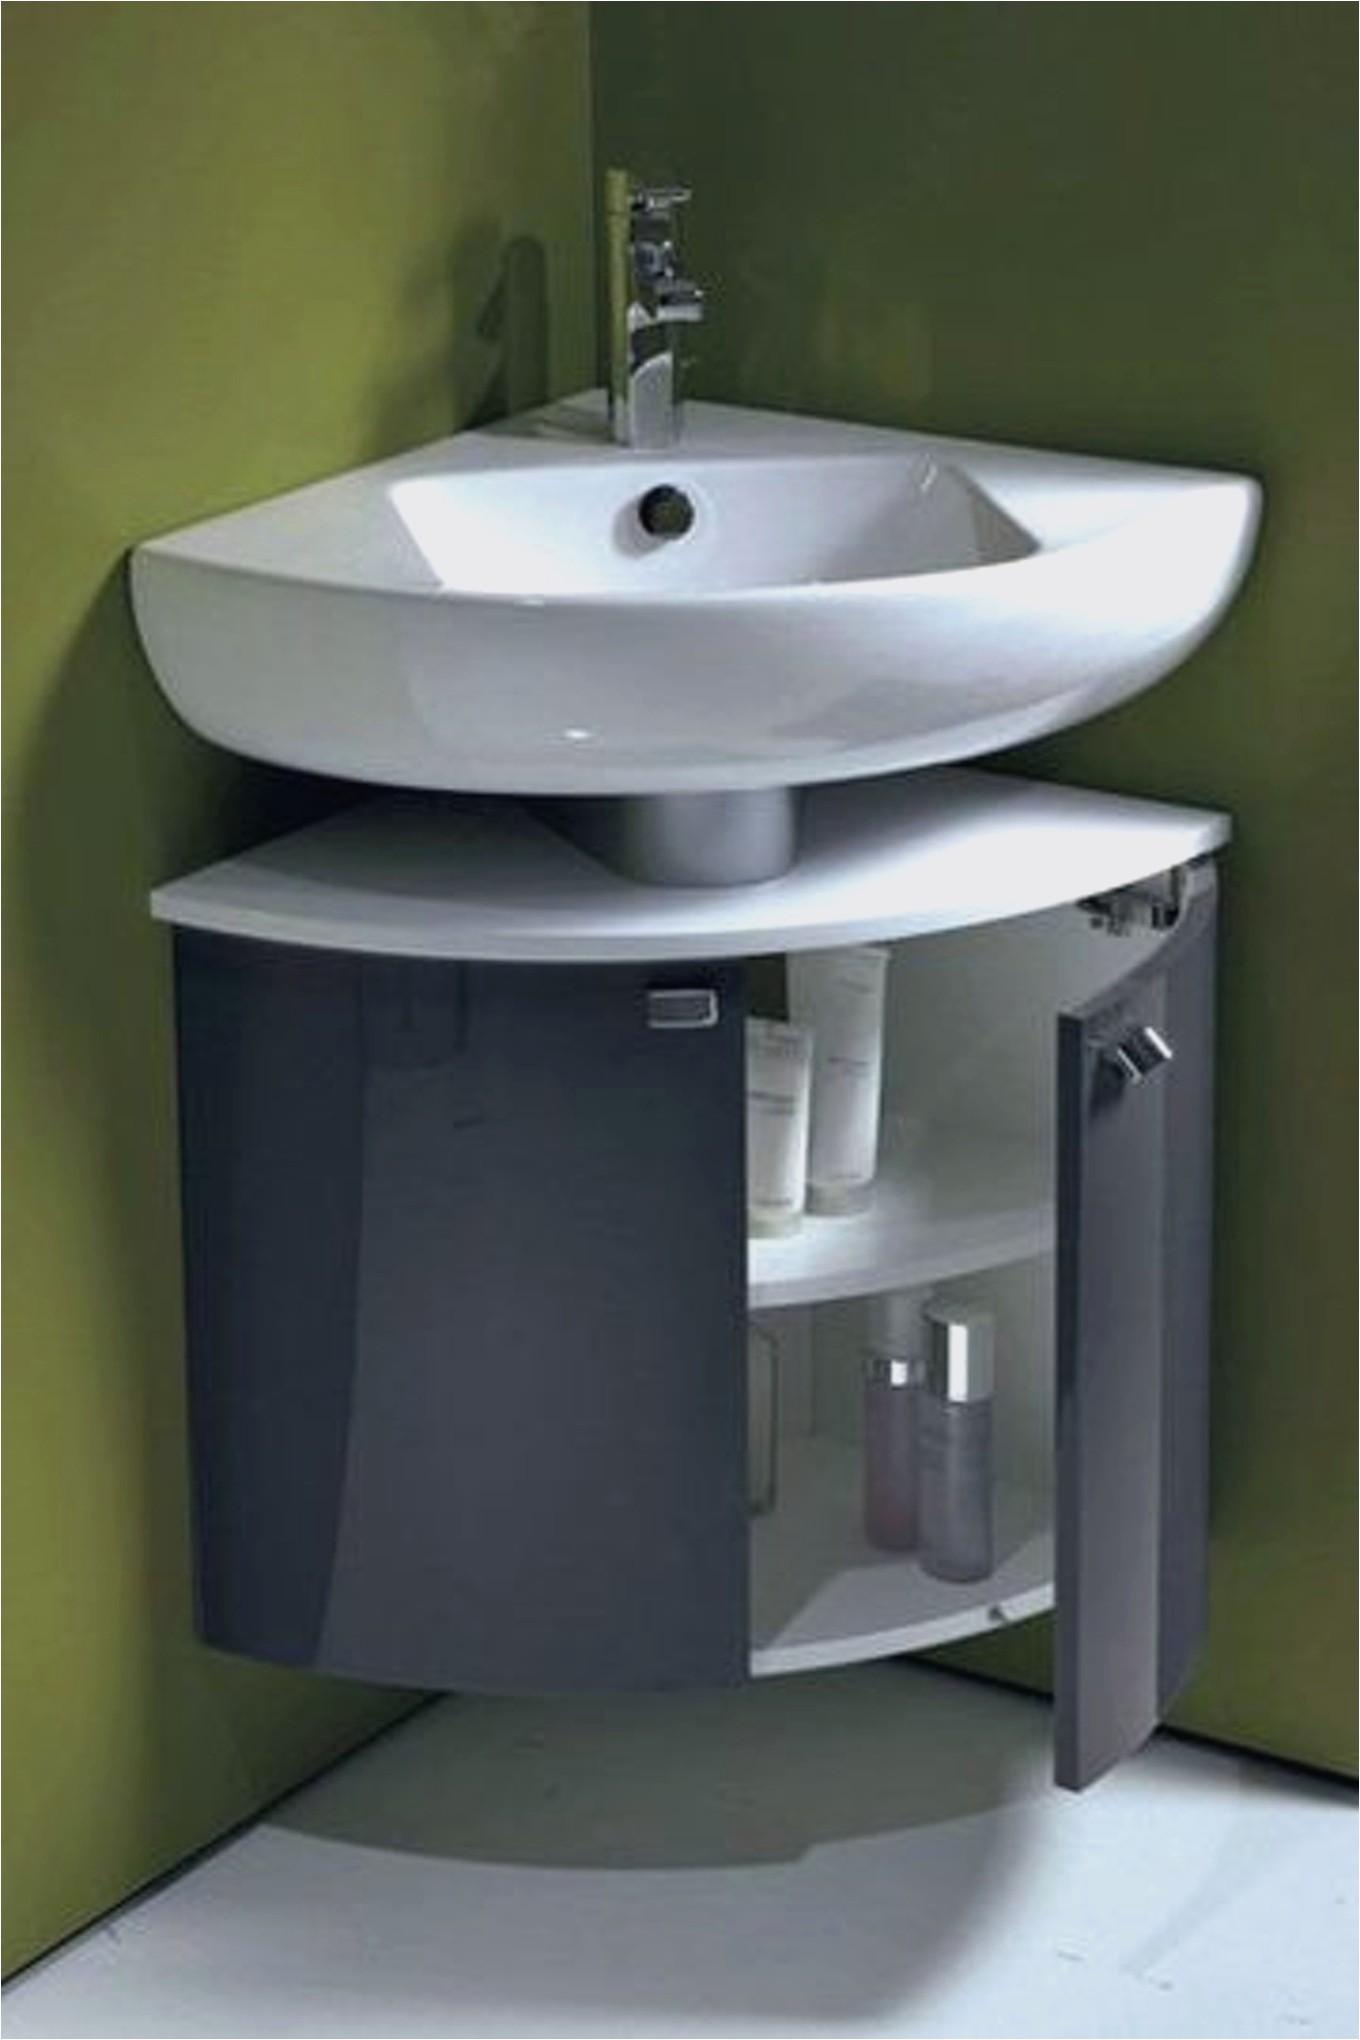 meuble d 39 angle double vasque salle de bain lille maison